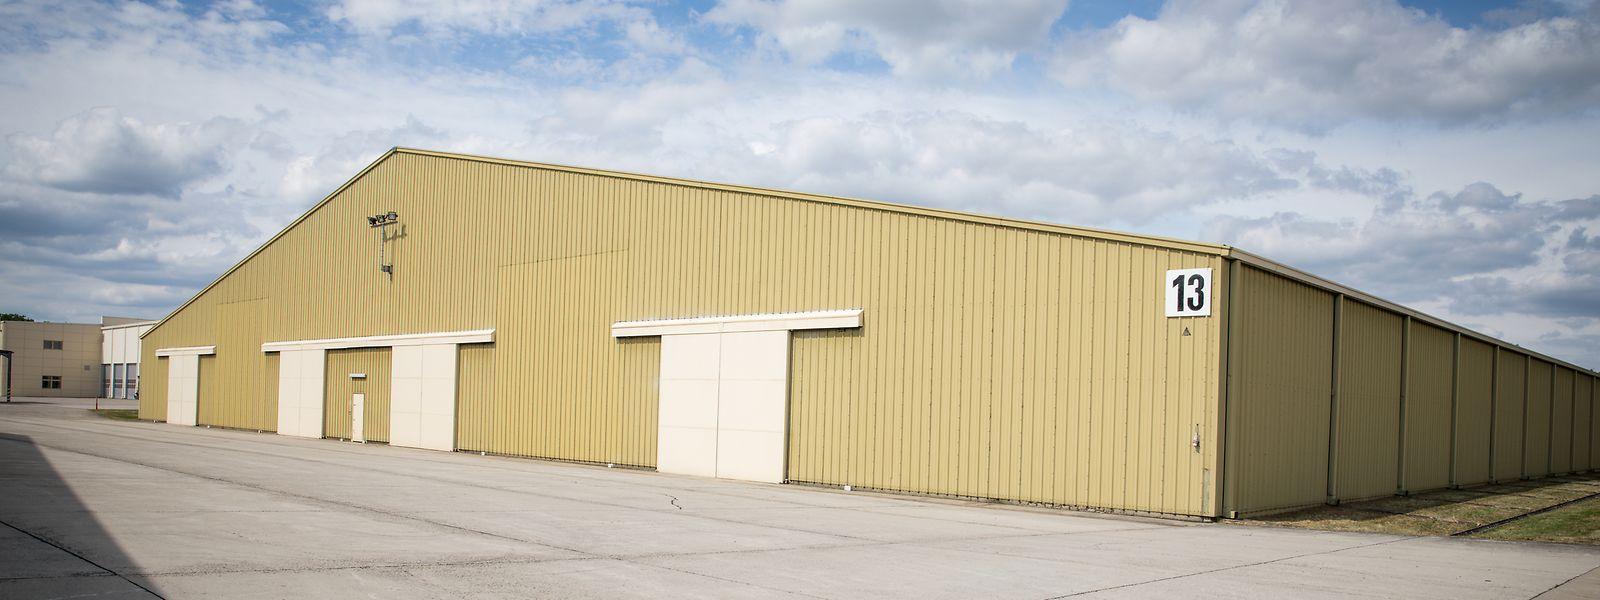 WSA emploie 181 salariés. Son site de 38 hectares à Sanem comprend 17 hangars, la plupart occupés par l'USAFE.